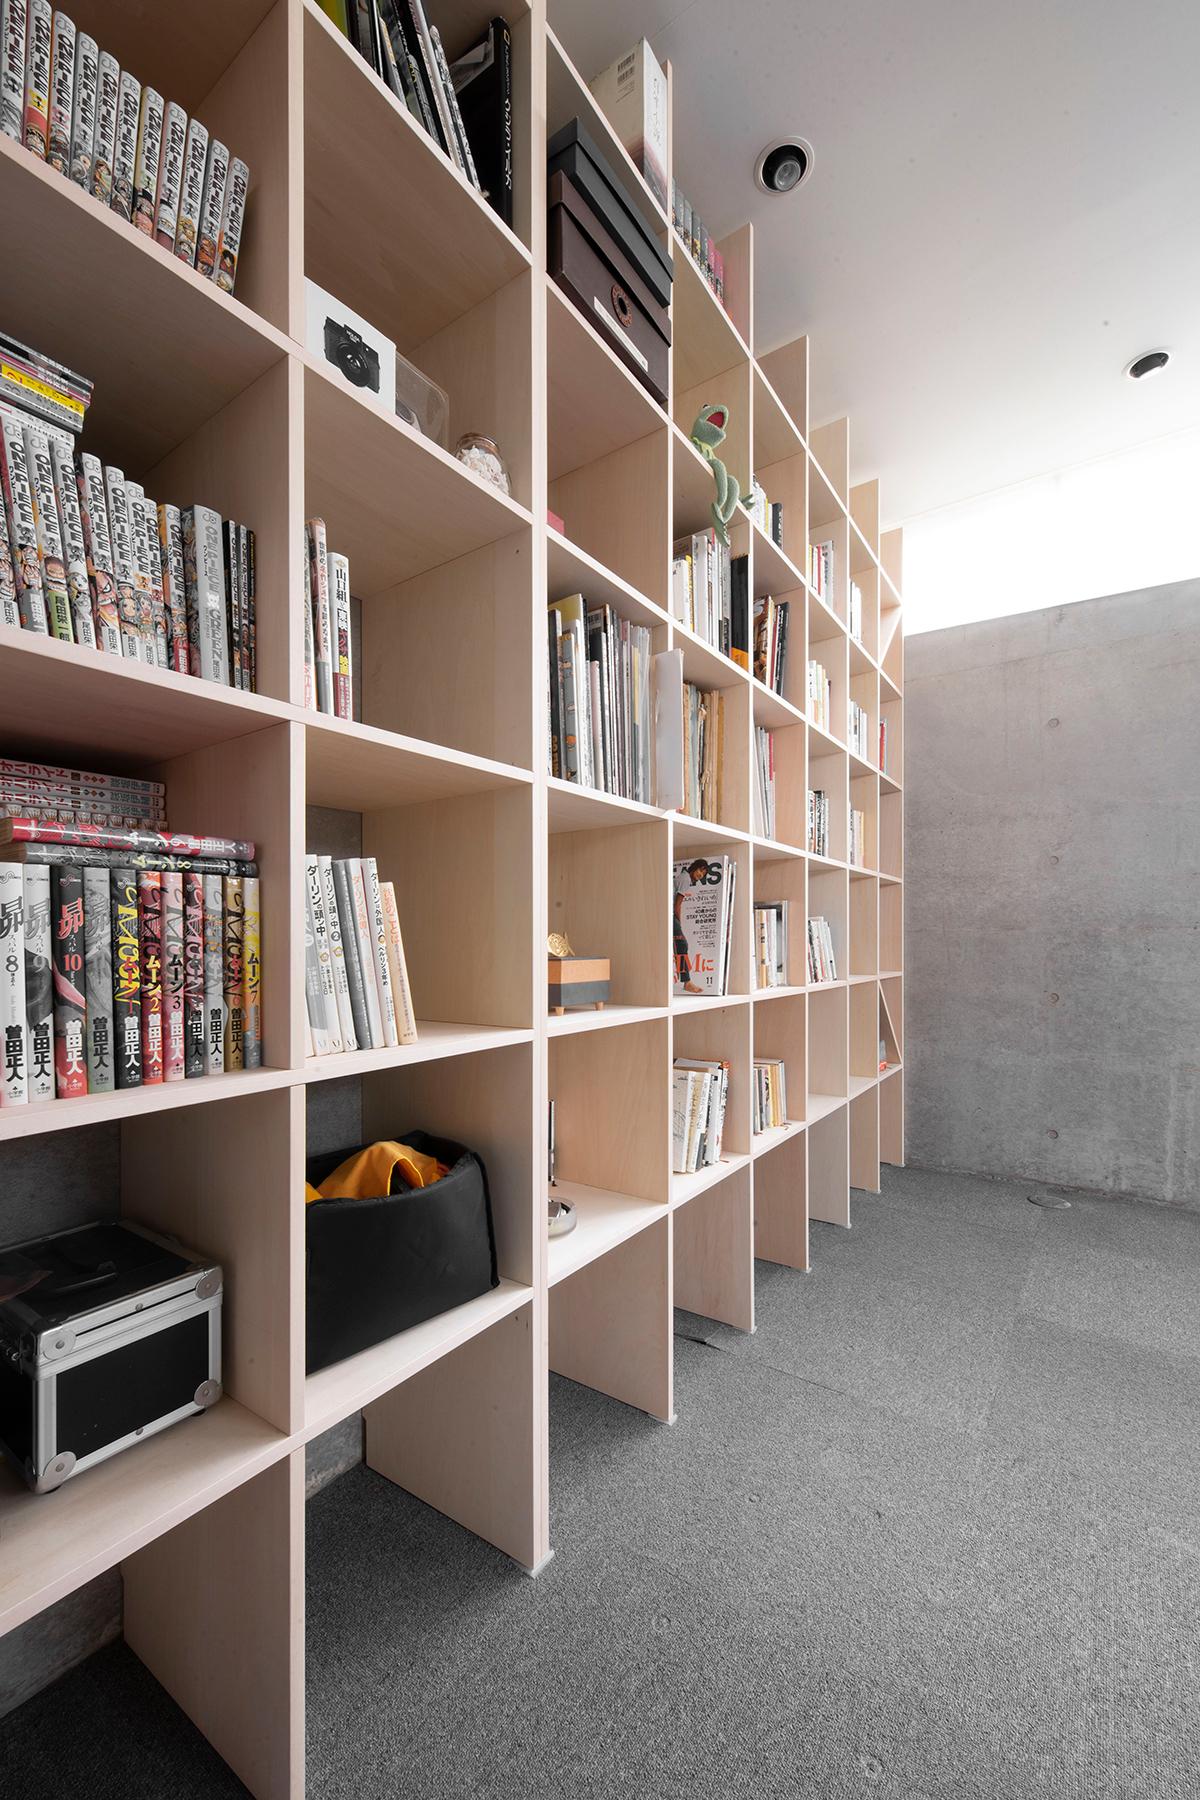 螺旋階段のある地下室に   壁一面の本棚